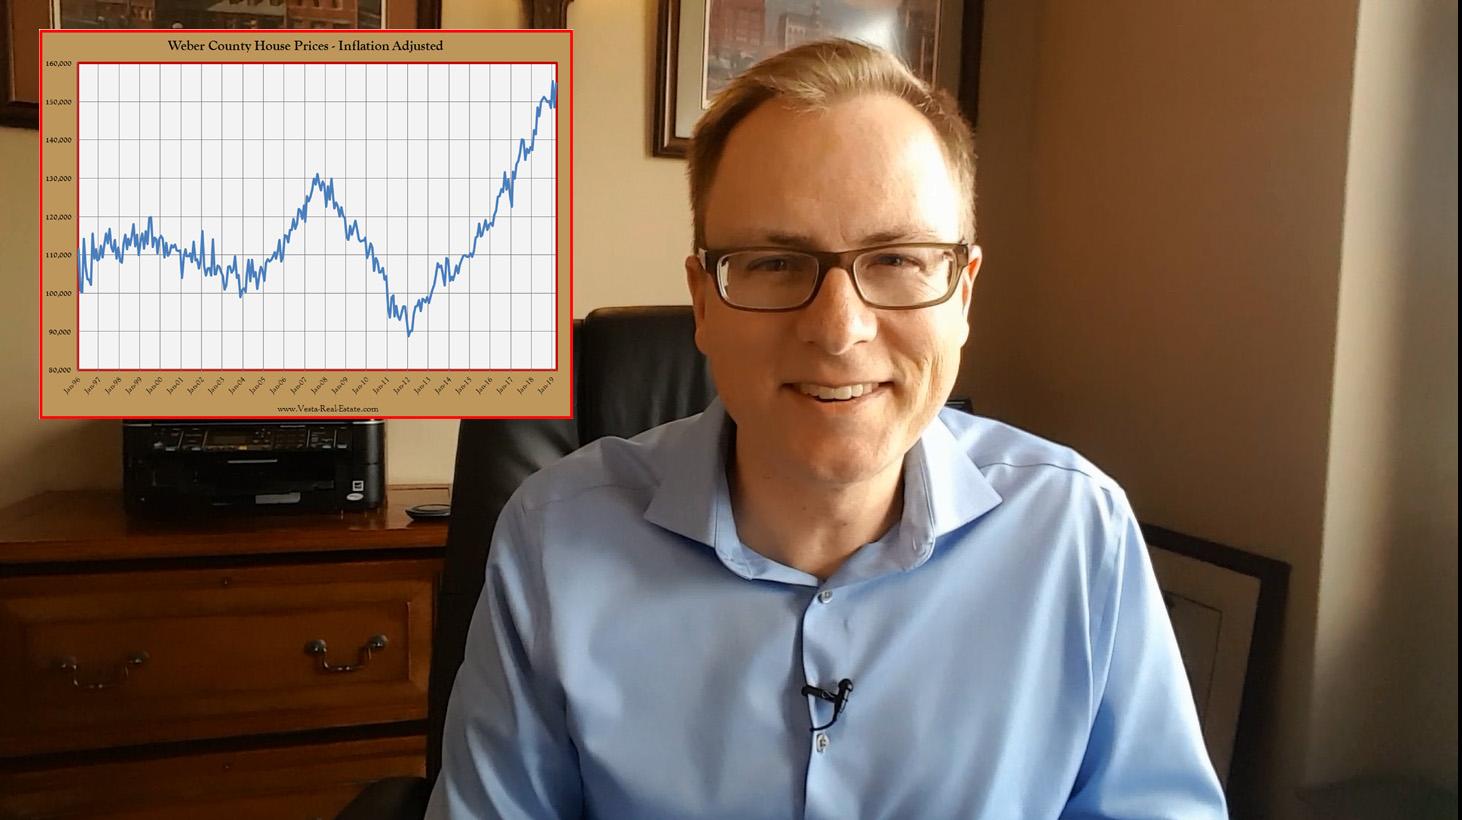 VIDEO: Have Northern Utah House Prices Peaked?